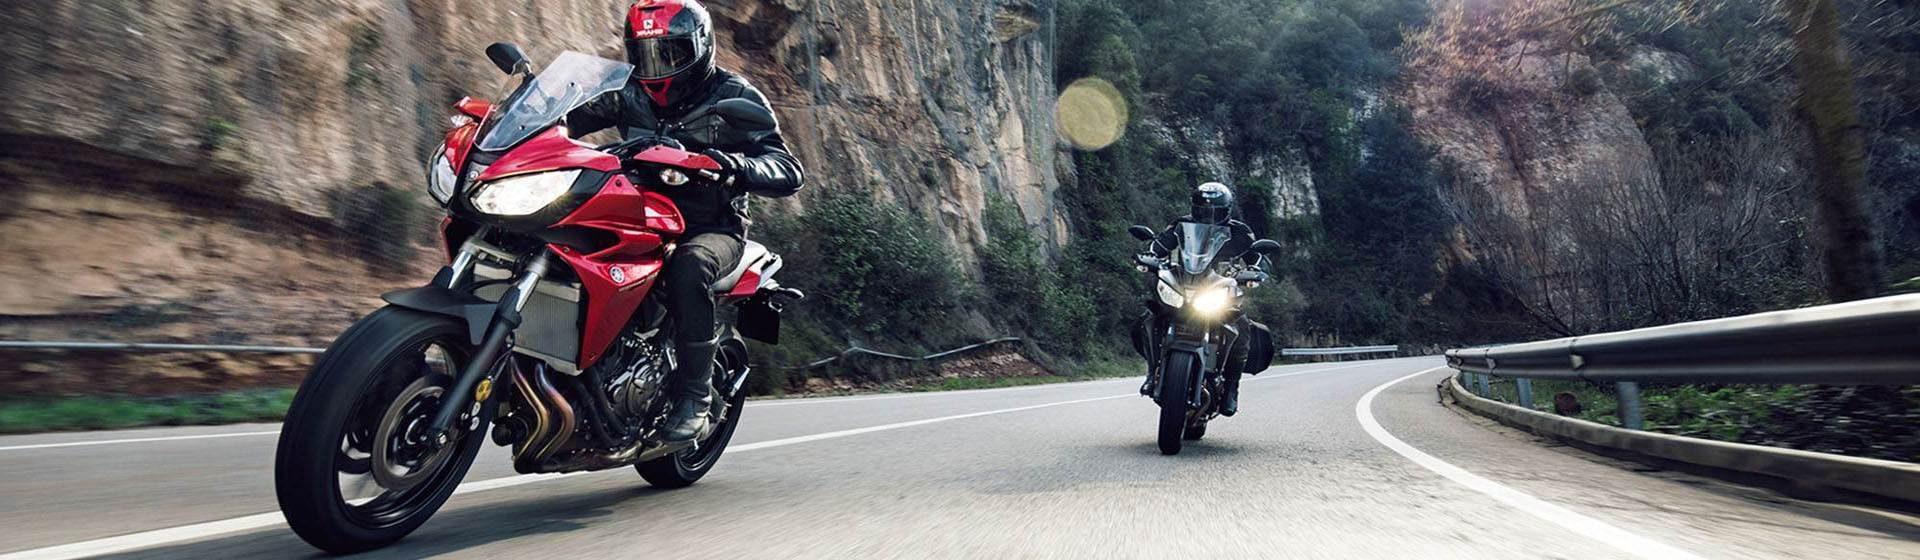 אופנוע כביש אדום למכירה